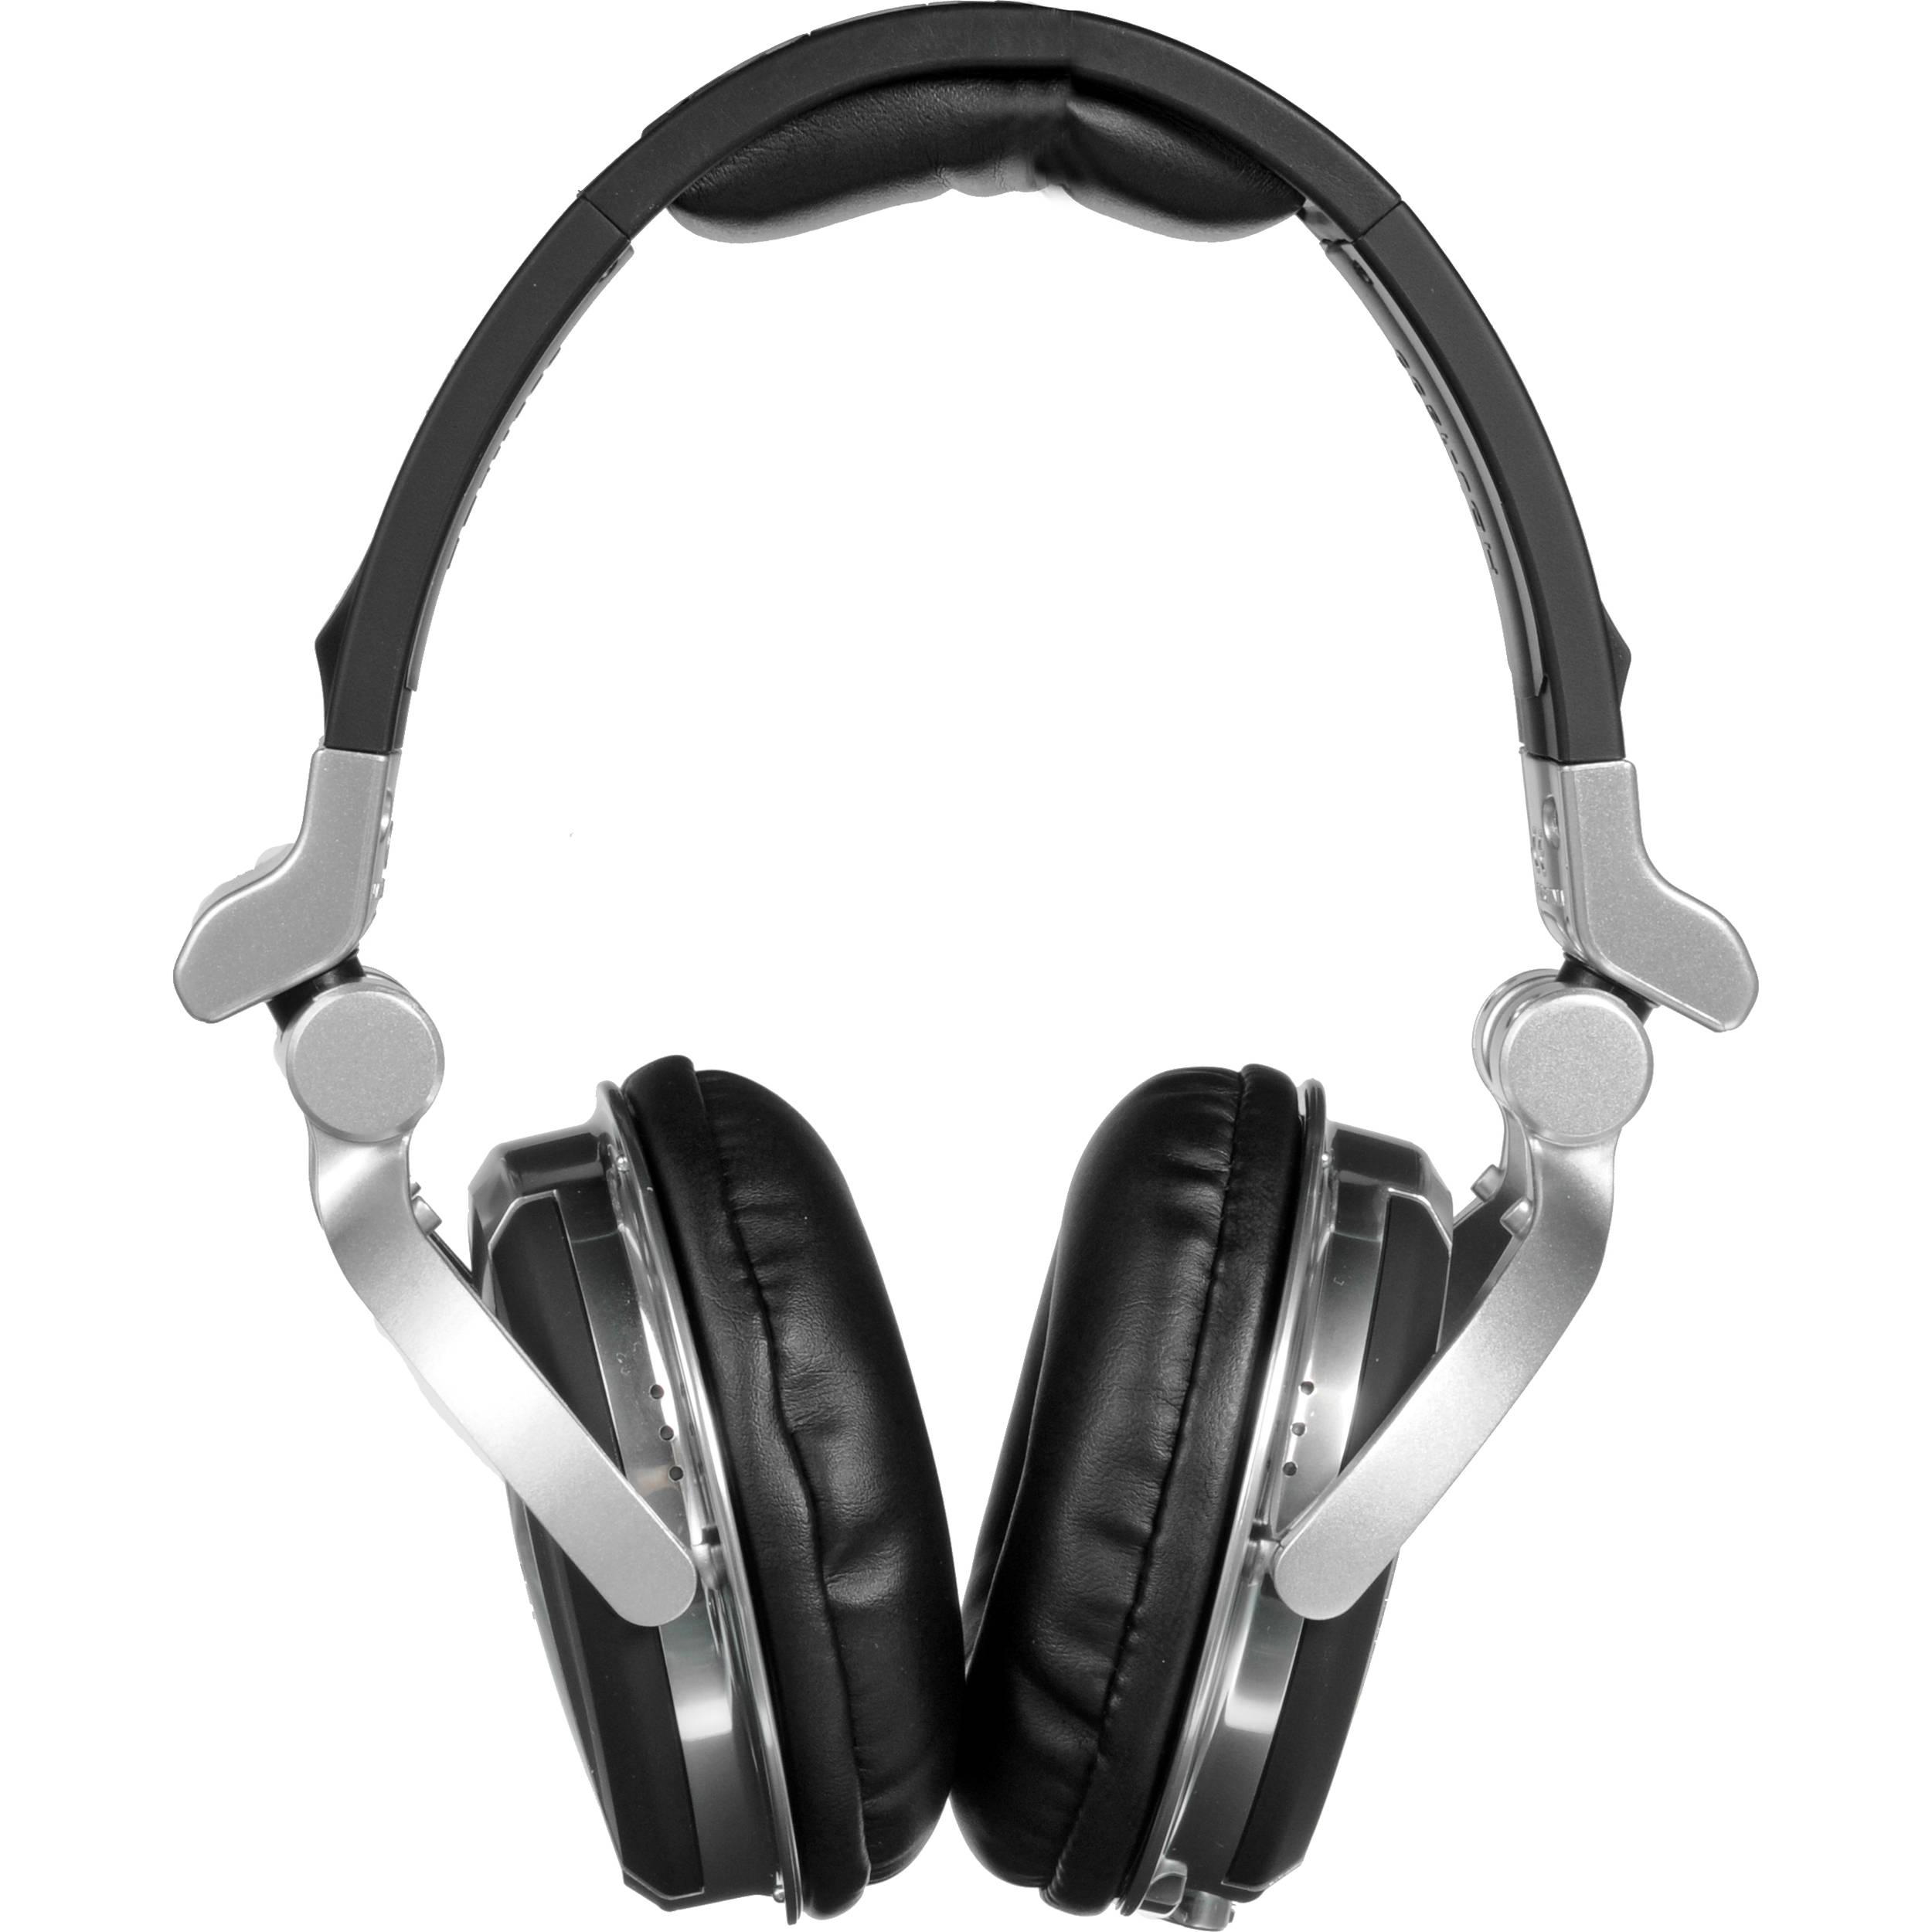 affb216137b Pioneer DJ HDJ-1500 Professional DJ Headphones HDJ-1500-S B&H